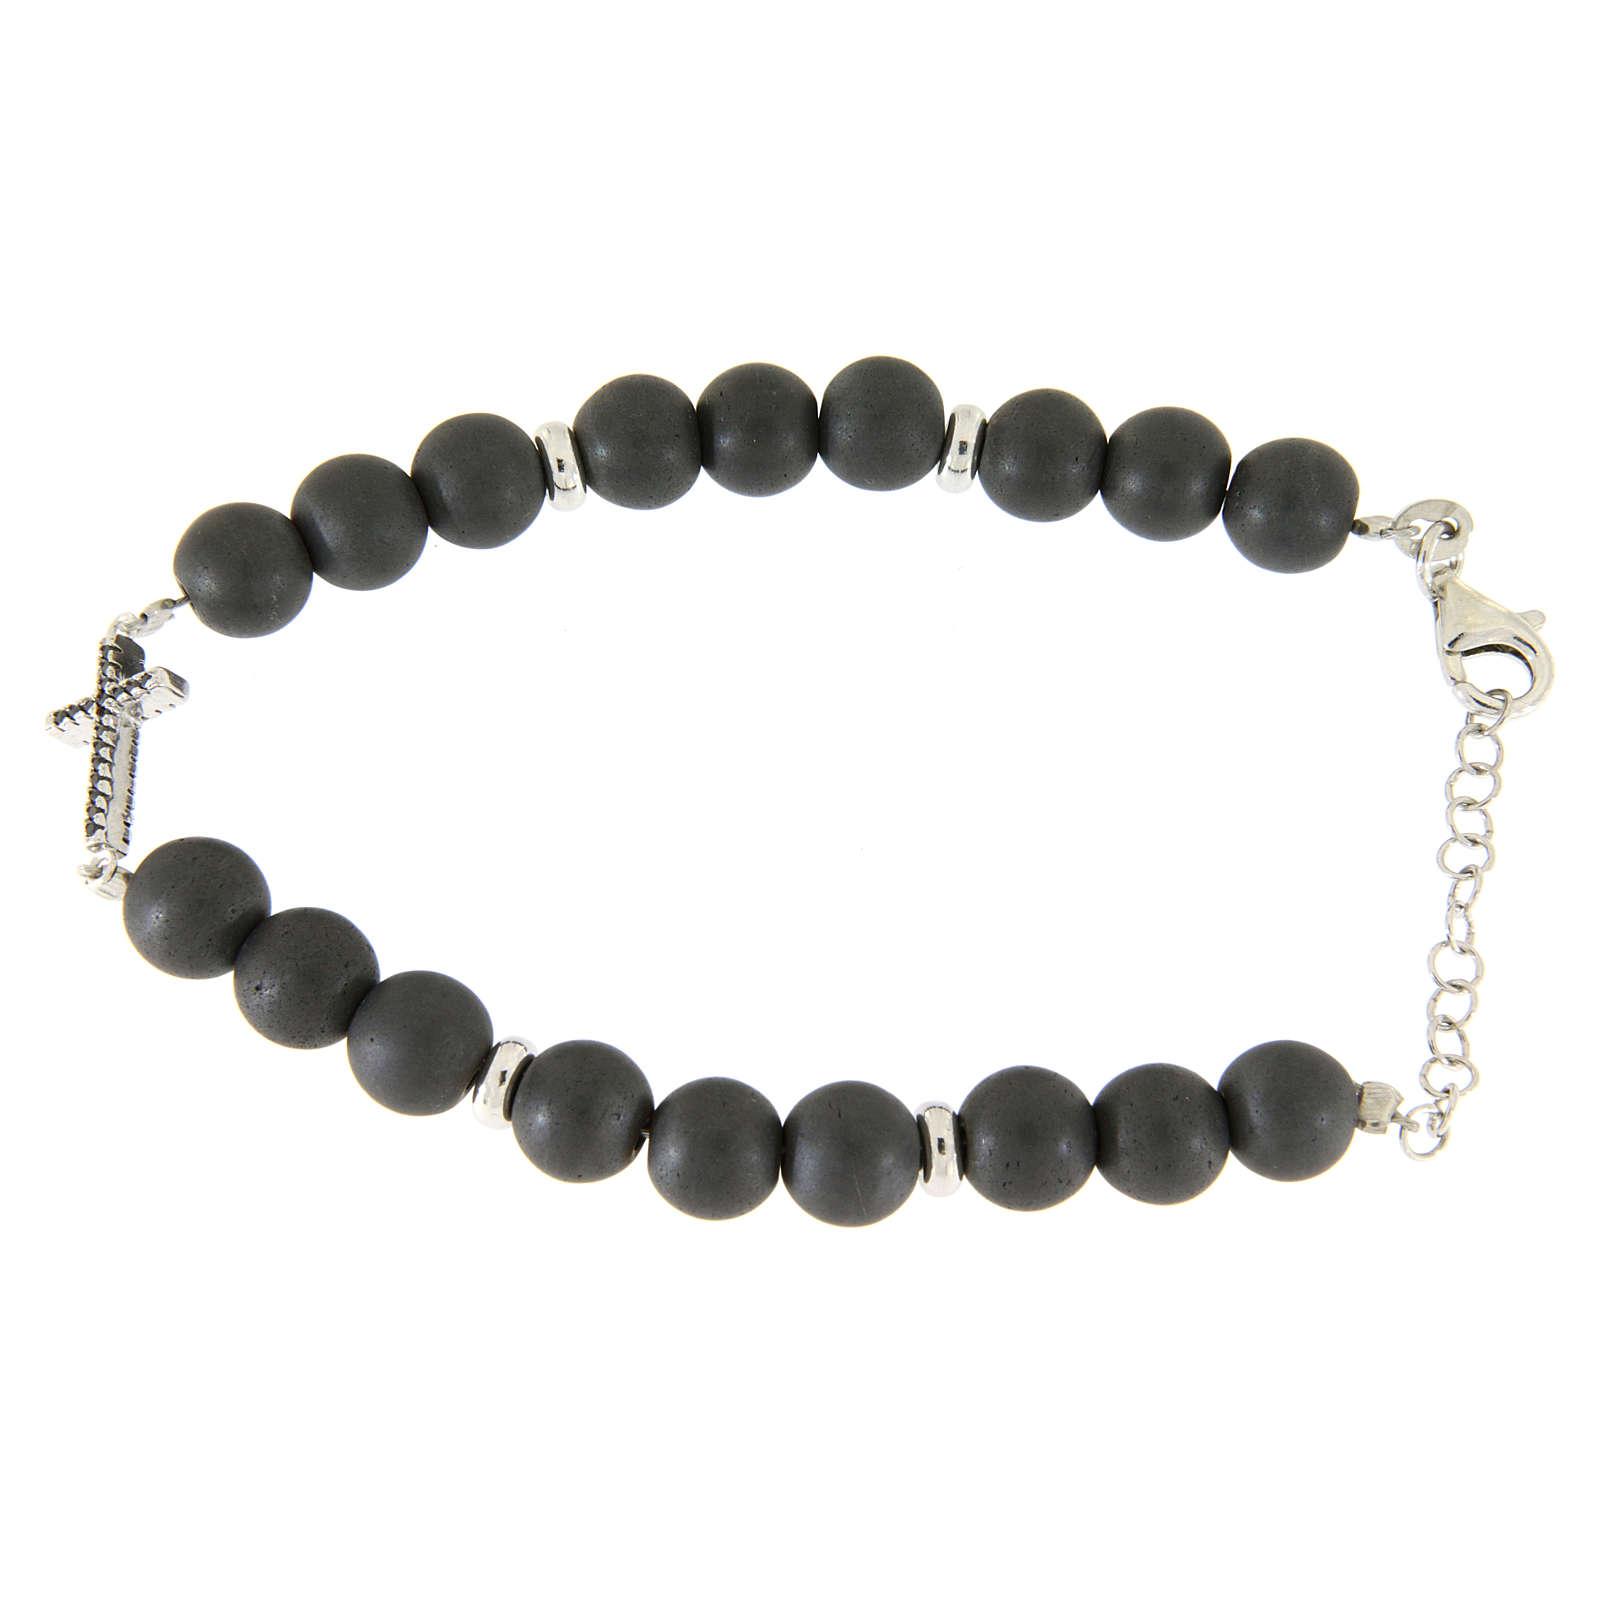 Bracciale perline ematite e croce zirconi neri, dettagli argento 925 4